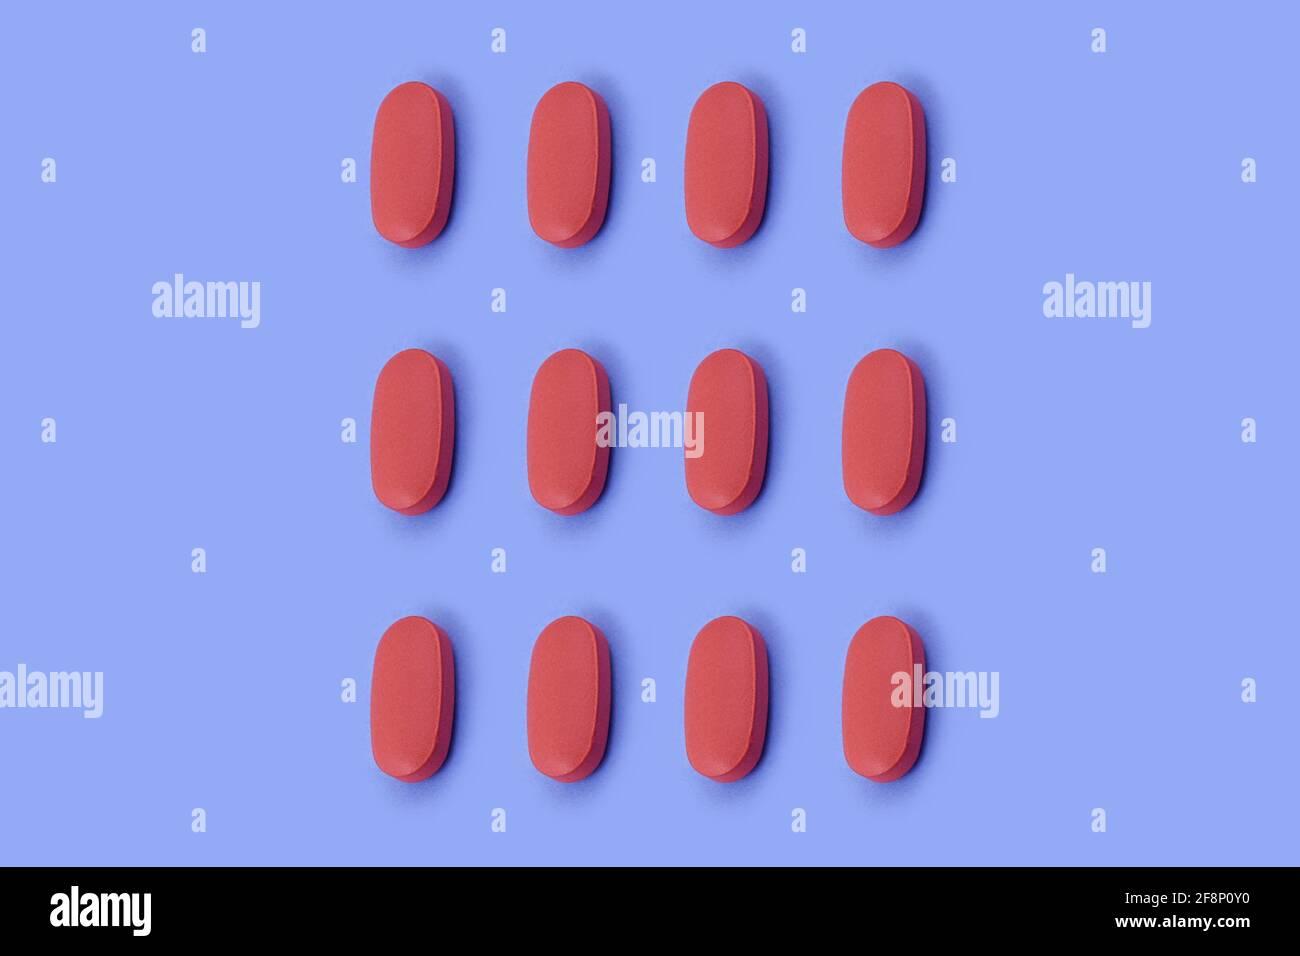 Forme ovale comprimé de médecine pharmaceutique sur fond bleu, Medicine concepts créatifs style minimal avec fond de papier coloré Banque D'Images